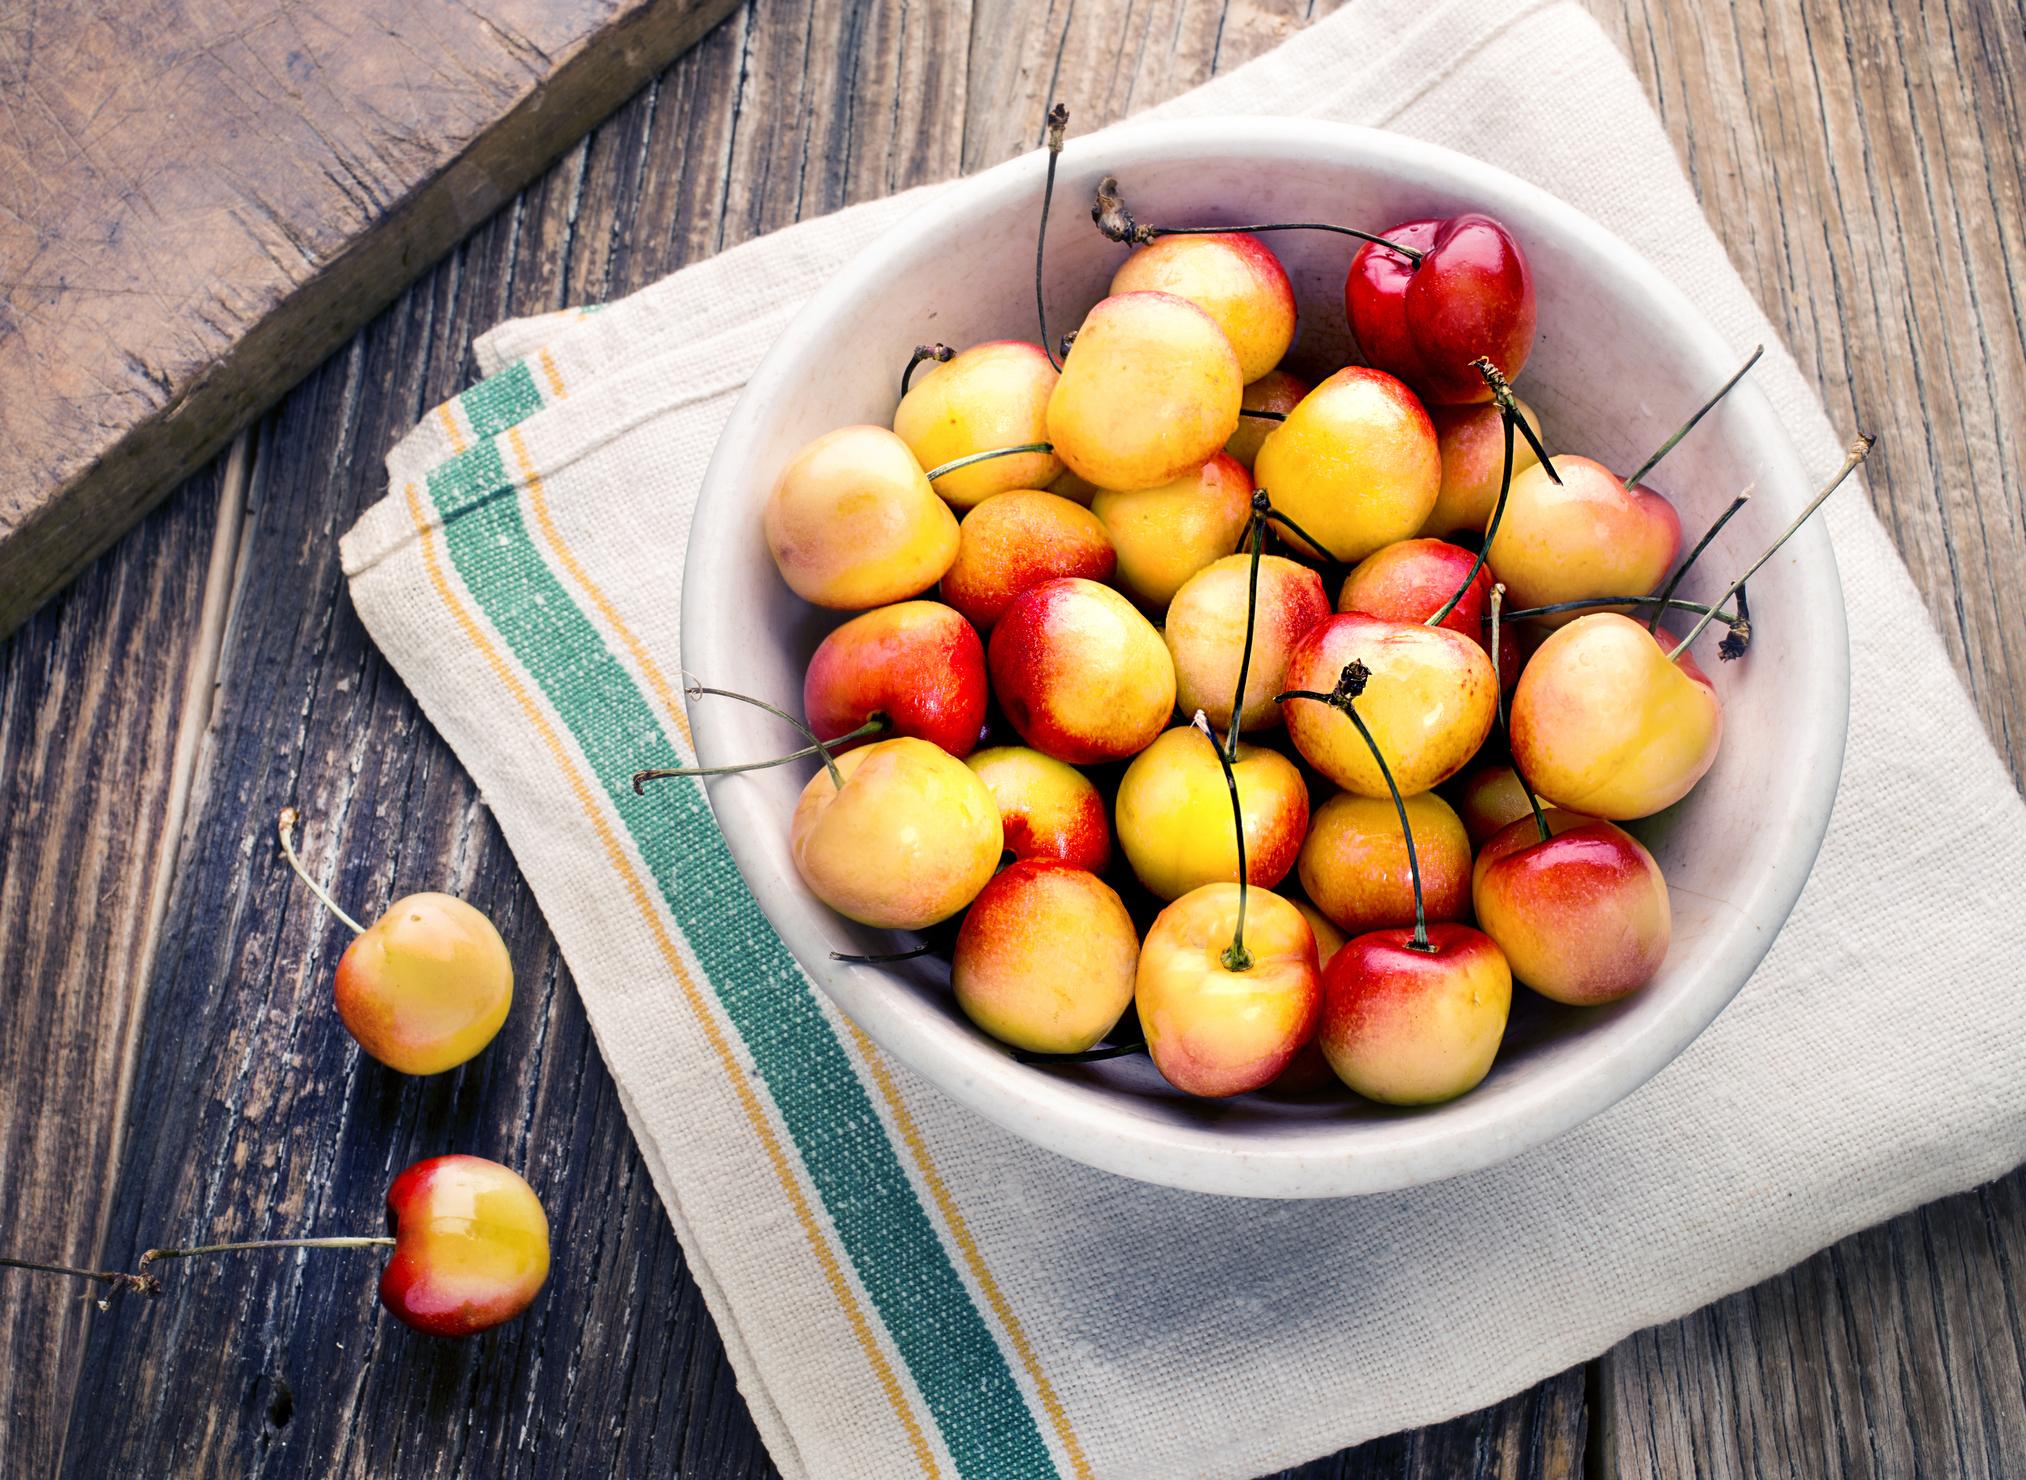 Bowl of yellow cherries